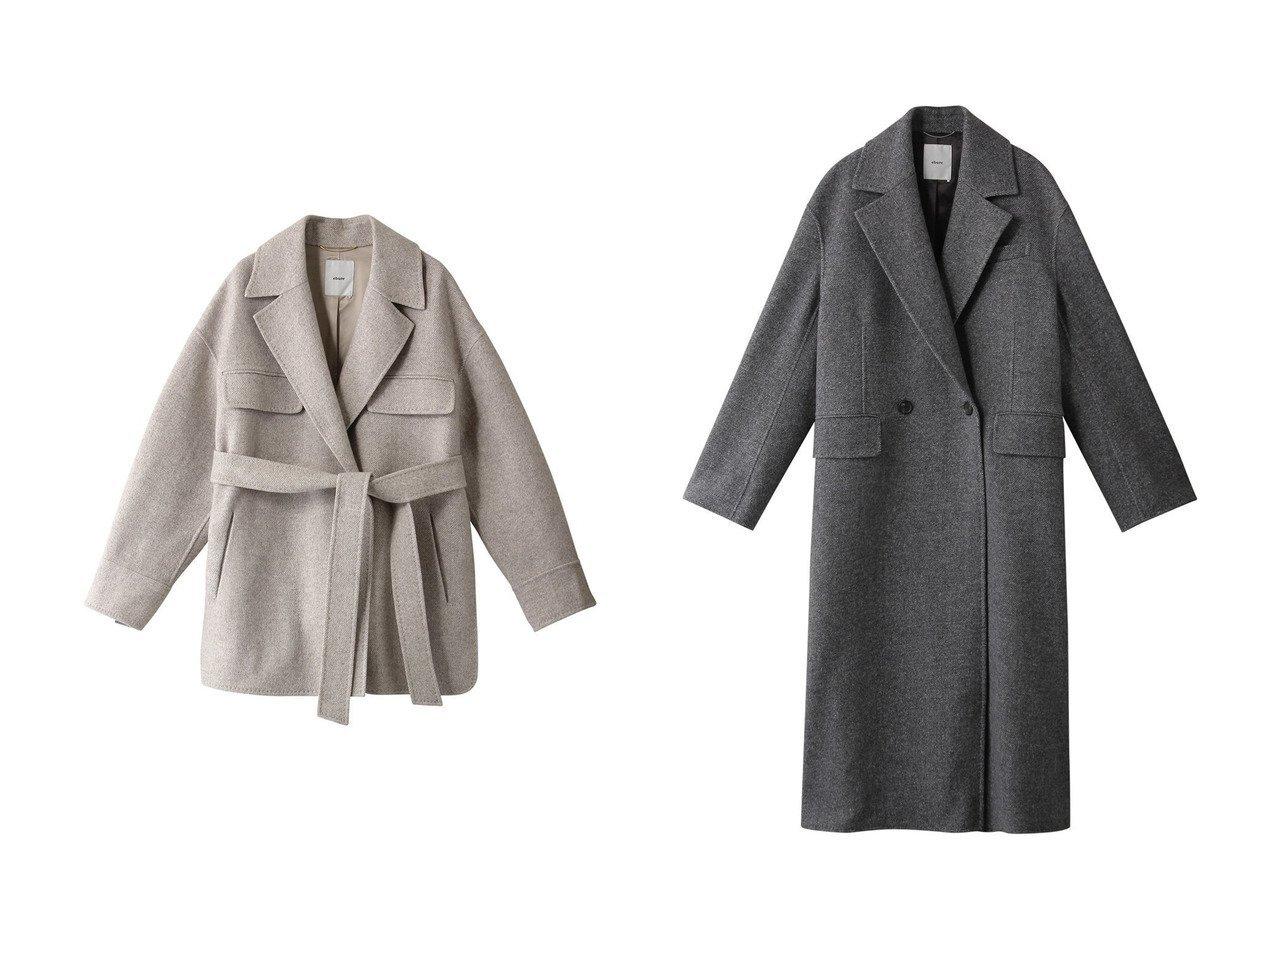 【ebure/エブール】のウールツイルリバー ハーフコート&ウールツイルリバー ダブルチェスターコート 【アウター】おすすめ!人気、トレンド・レディースファッションの通販 おすすめで人気の流行・トレンド、ファッションの通販商品 インテリア・家具・メンズファッション・キッズファッション・レディースファッション・服の通販 founy(ファニー) https://founy.com/ ファッション Fashion レディースファッション WOMEN アウター Coat Outerwear コート Coats チェスターコート Top Coat 2020年 2020 2020-2021秋冬・A/W AW・Autumn/Winter・FW・Fall-Winter/2020-2021 2021年 2021 2021-2022秋冬・A/W AW・Autumn/Winter・FW・Fall-Winter・2021-2022 A/W・秋冬 AW・Autumn/Winter・FW・Fall-Winter ショート ダブル ハーフ ポケット マニッシュ チェスターコート ボックス ロング  ID:crp329100000058641